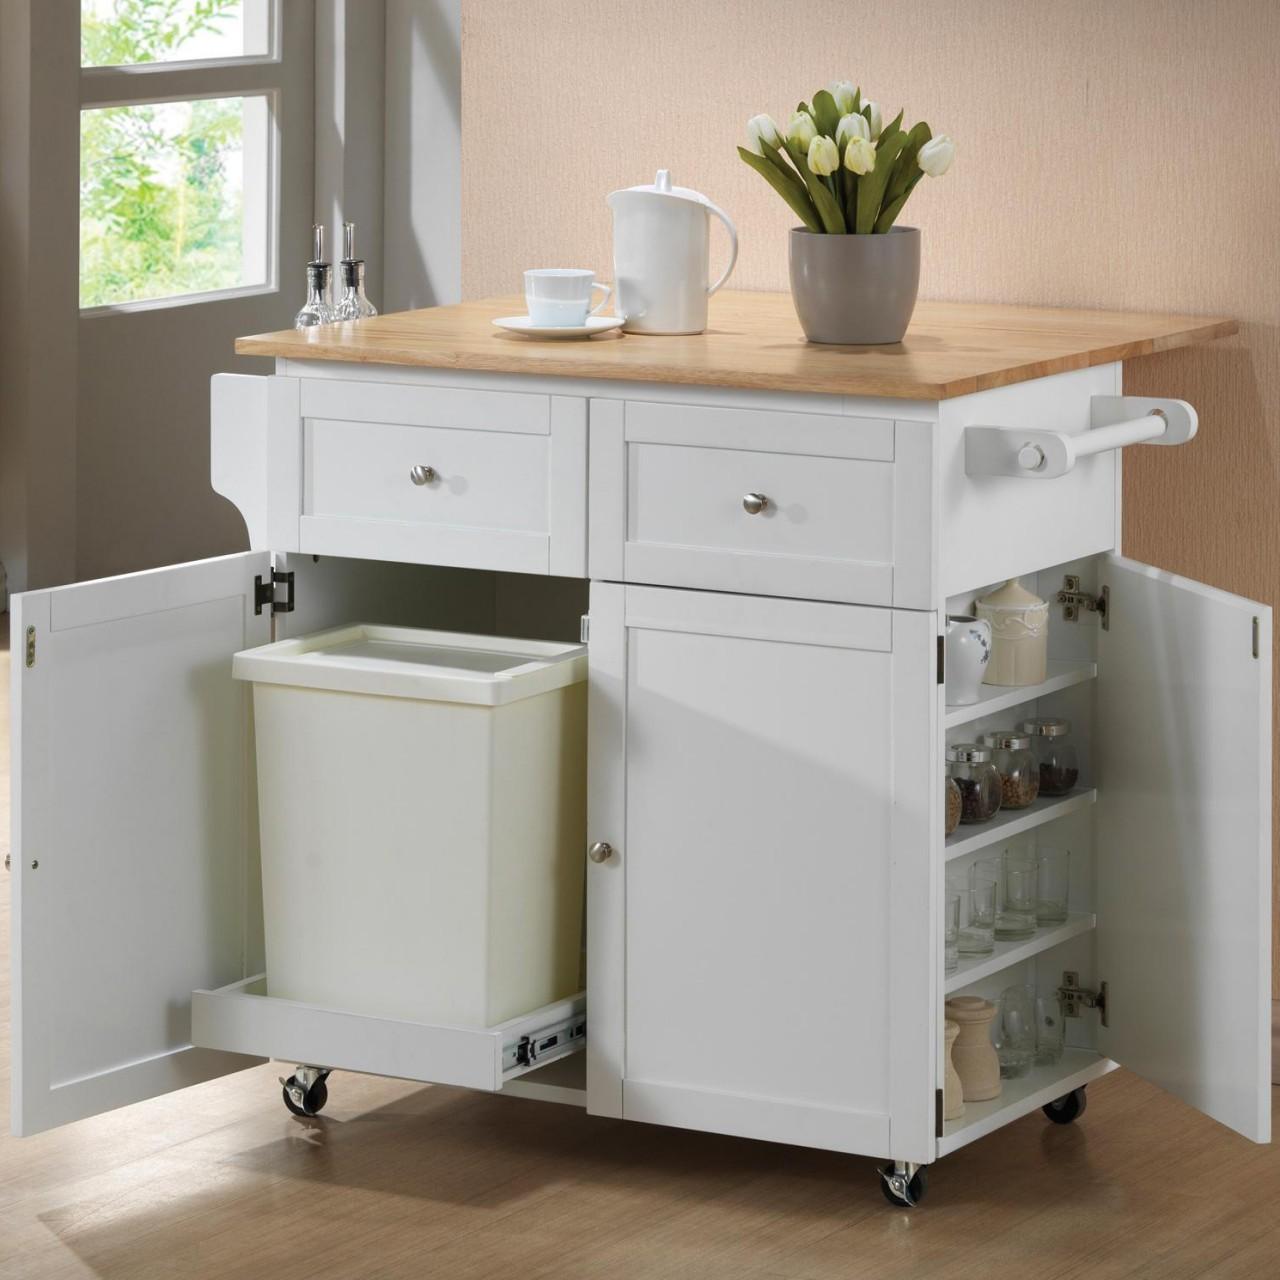 White kitchen island cart photo - 2